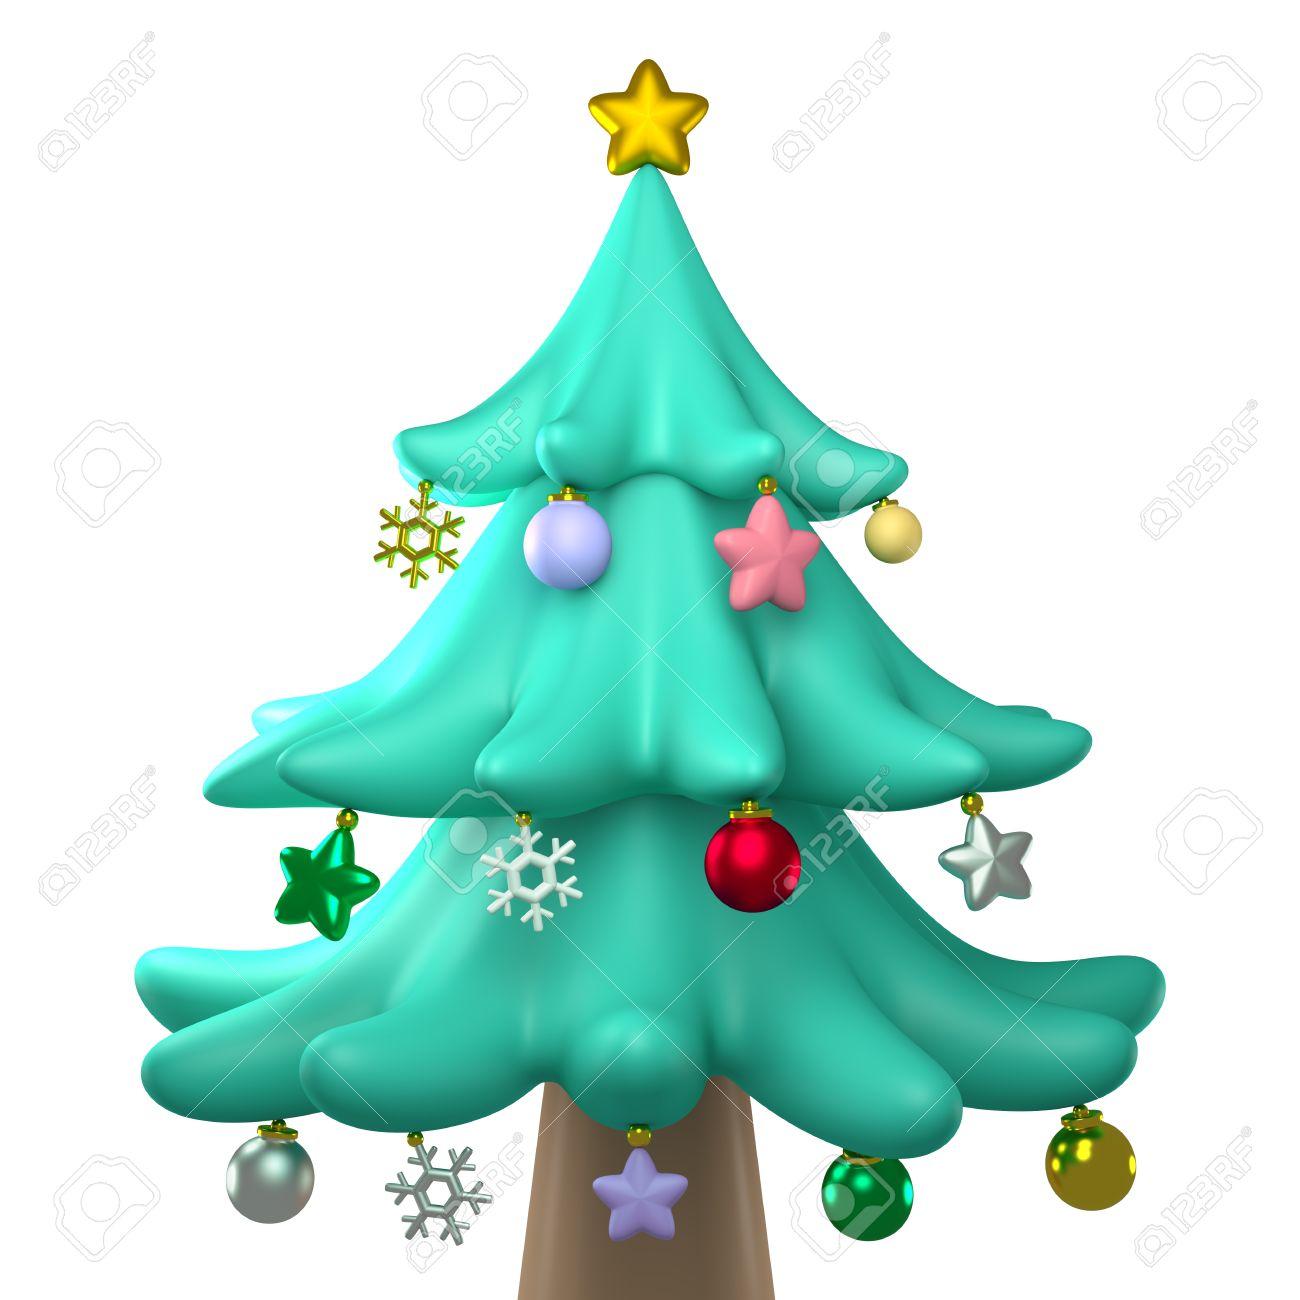 Navidad 3D Plastilina rbol Plastilina Aislado Vista Frontal Fotos